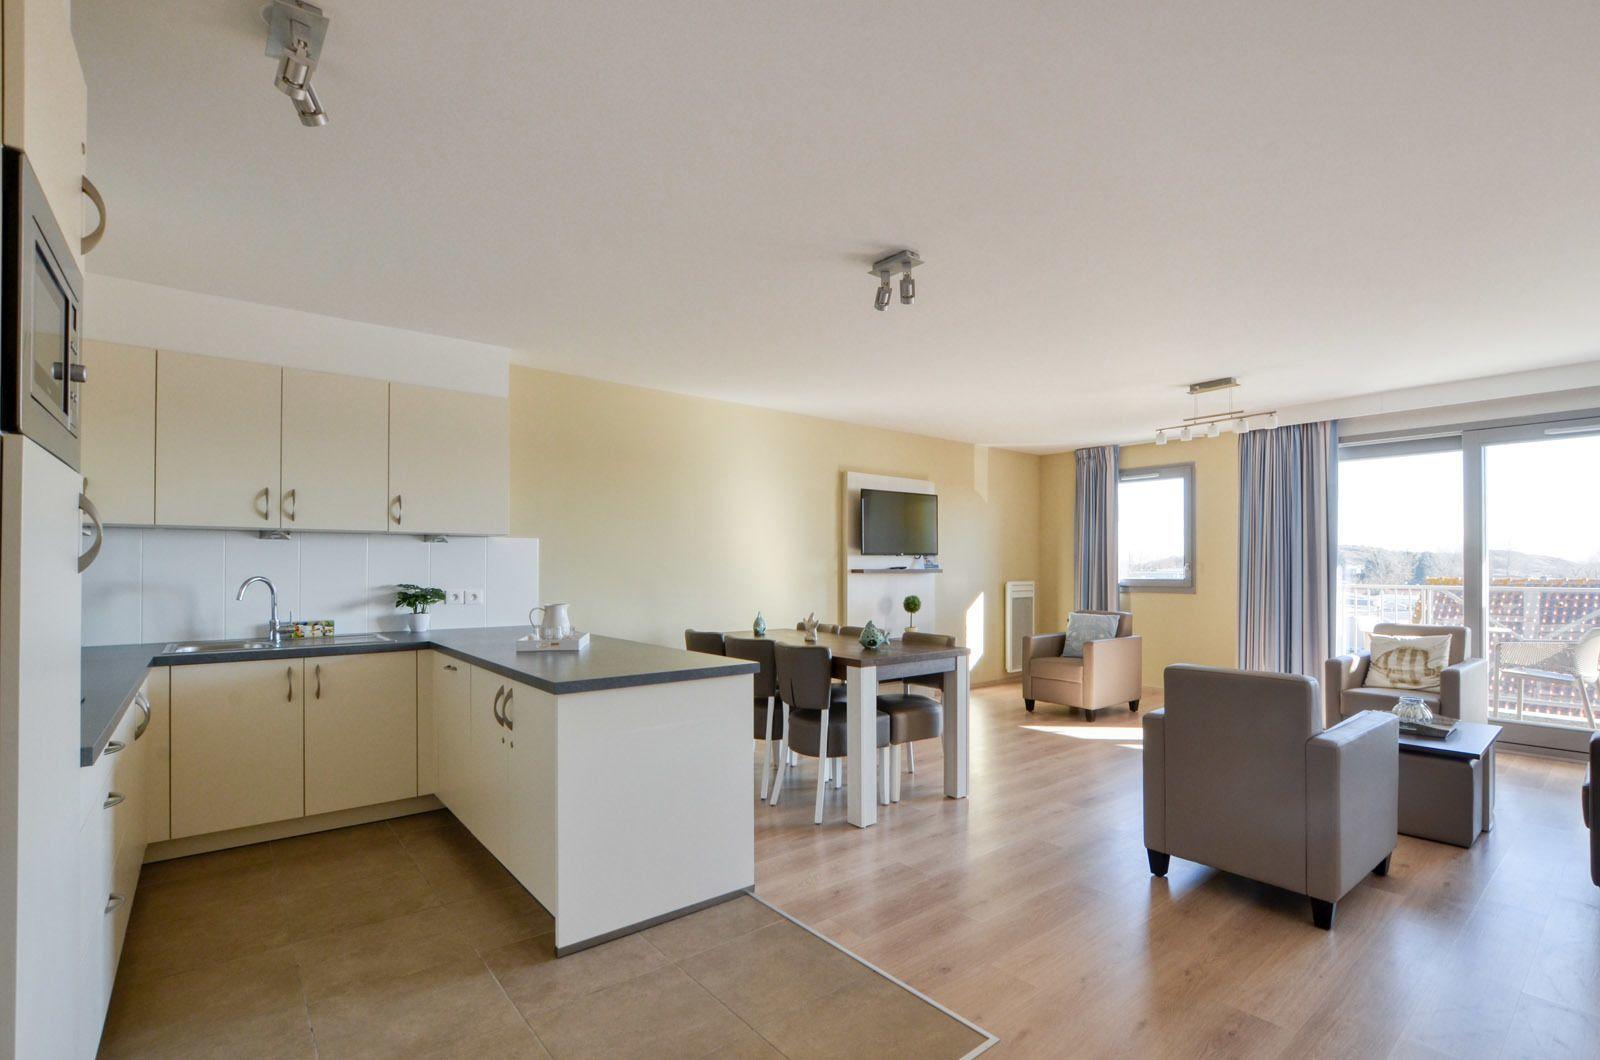 Appartement pour 6 personnes (4 adultes - 2 enfants) avec terrasse